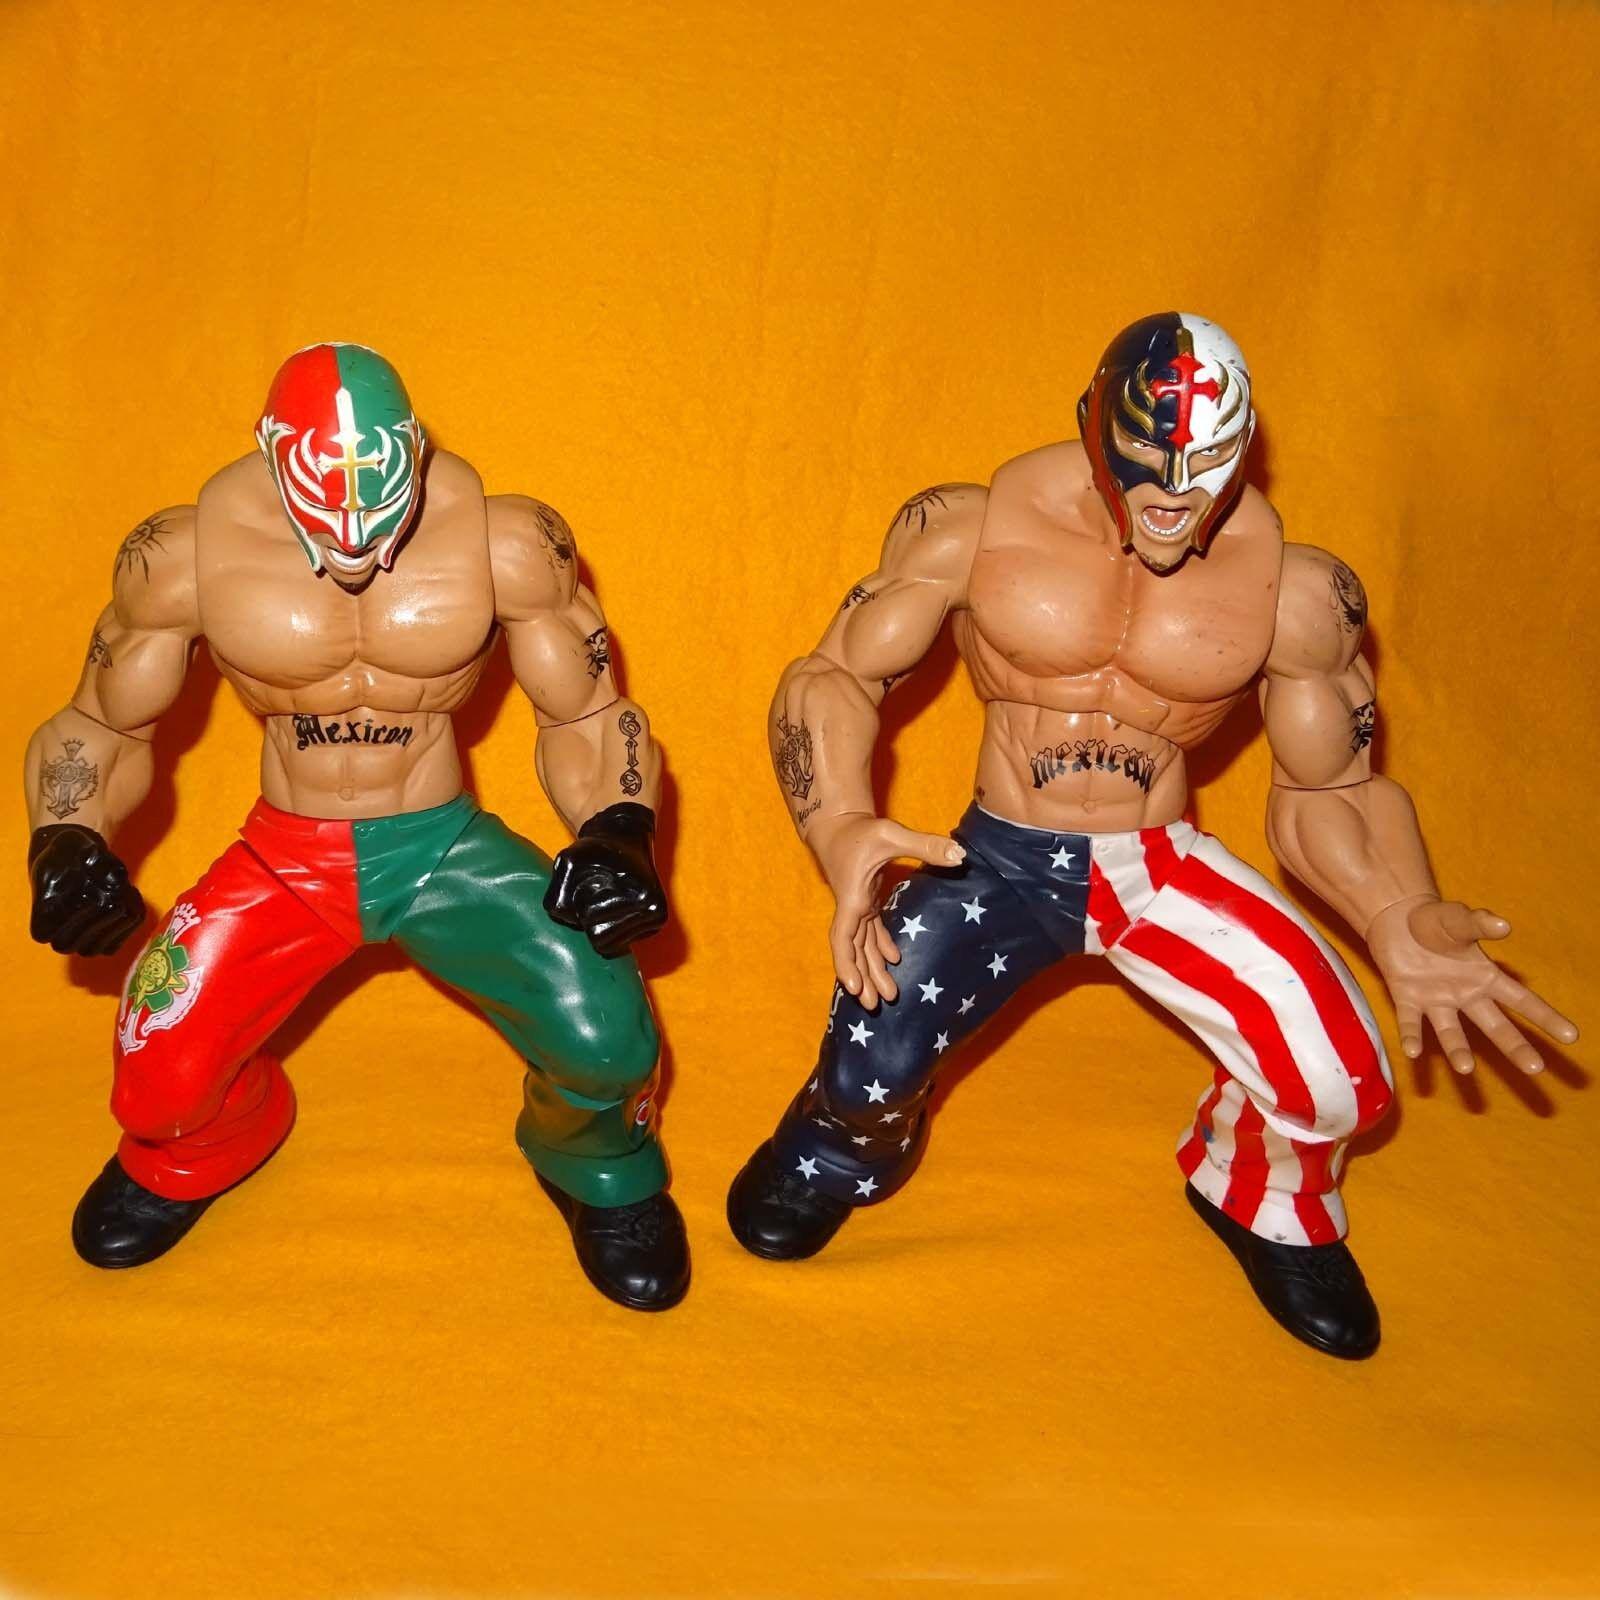 2005 JAKKS WWE WORLD WRESTLING RING GIANTS REY MYSTERIO 14  POSEABLE FIGURE LOT